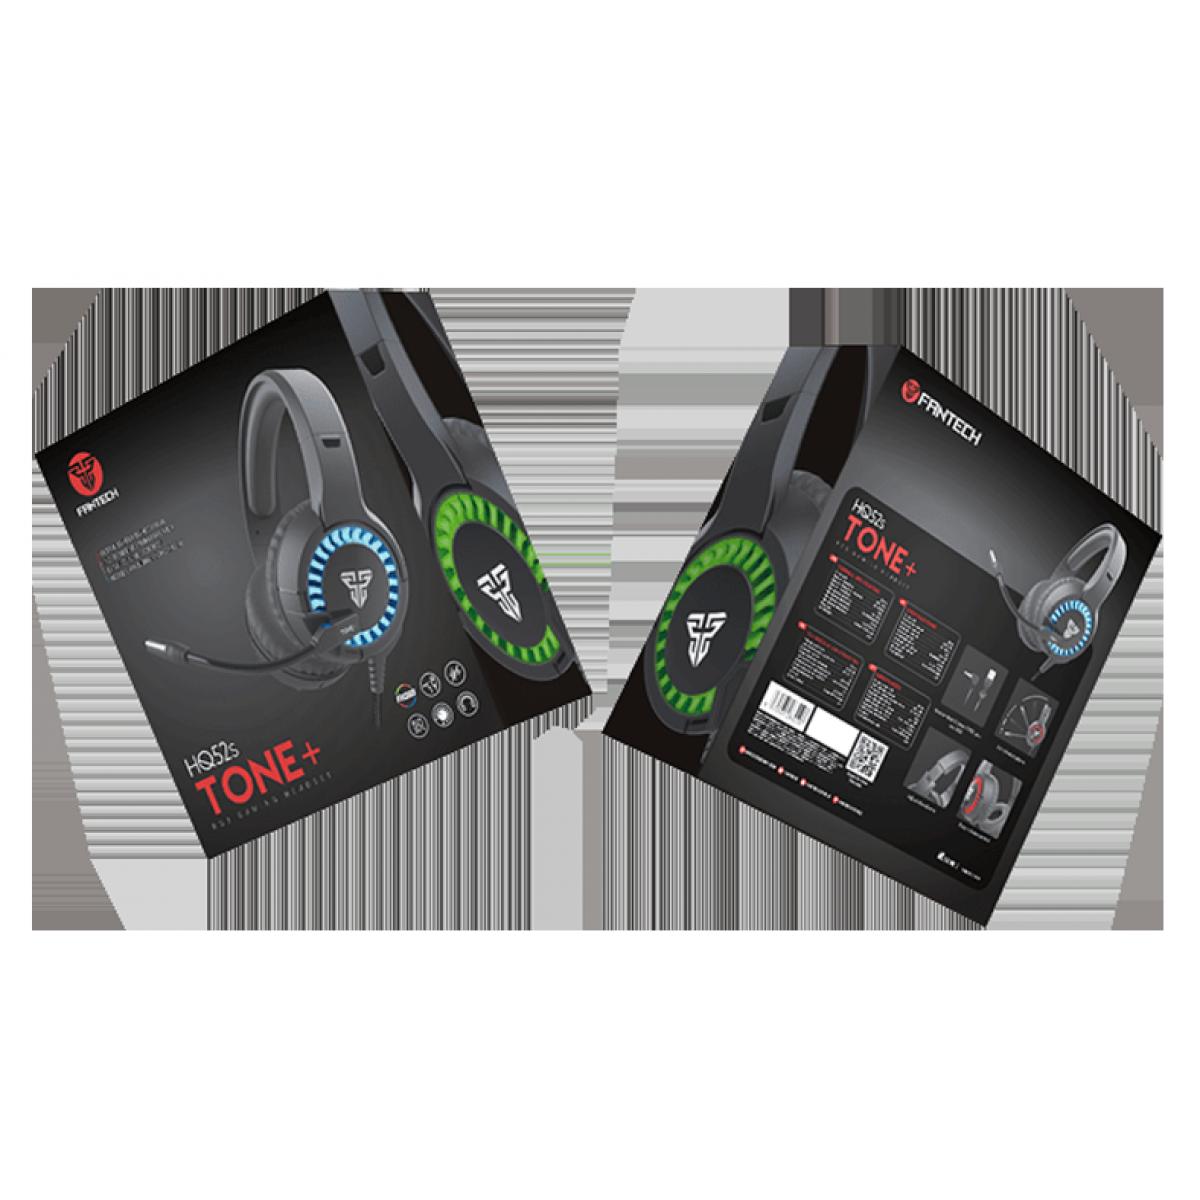 Headset Gamer Fantech Tone+, 2x3.5mm, RGB, Black/RED, HQ52s